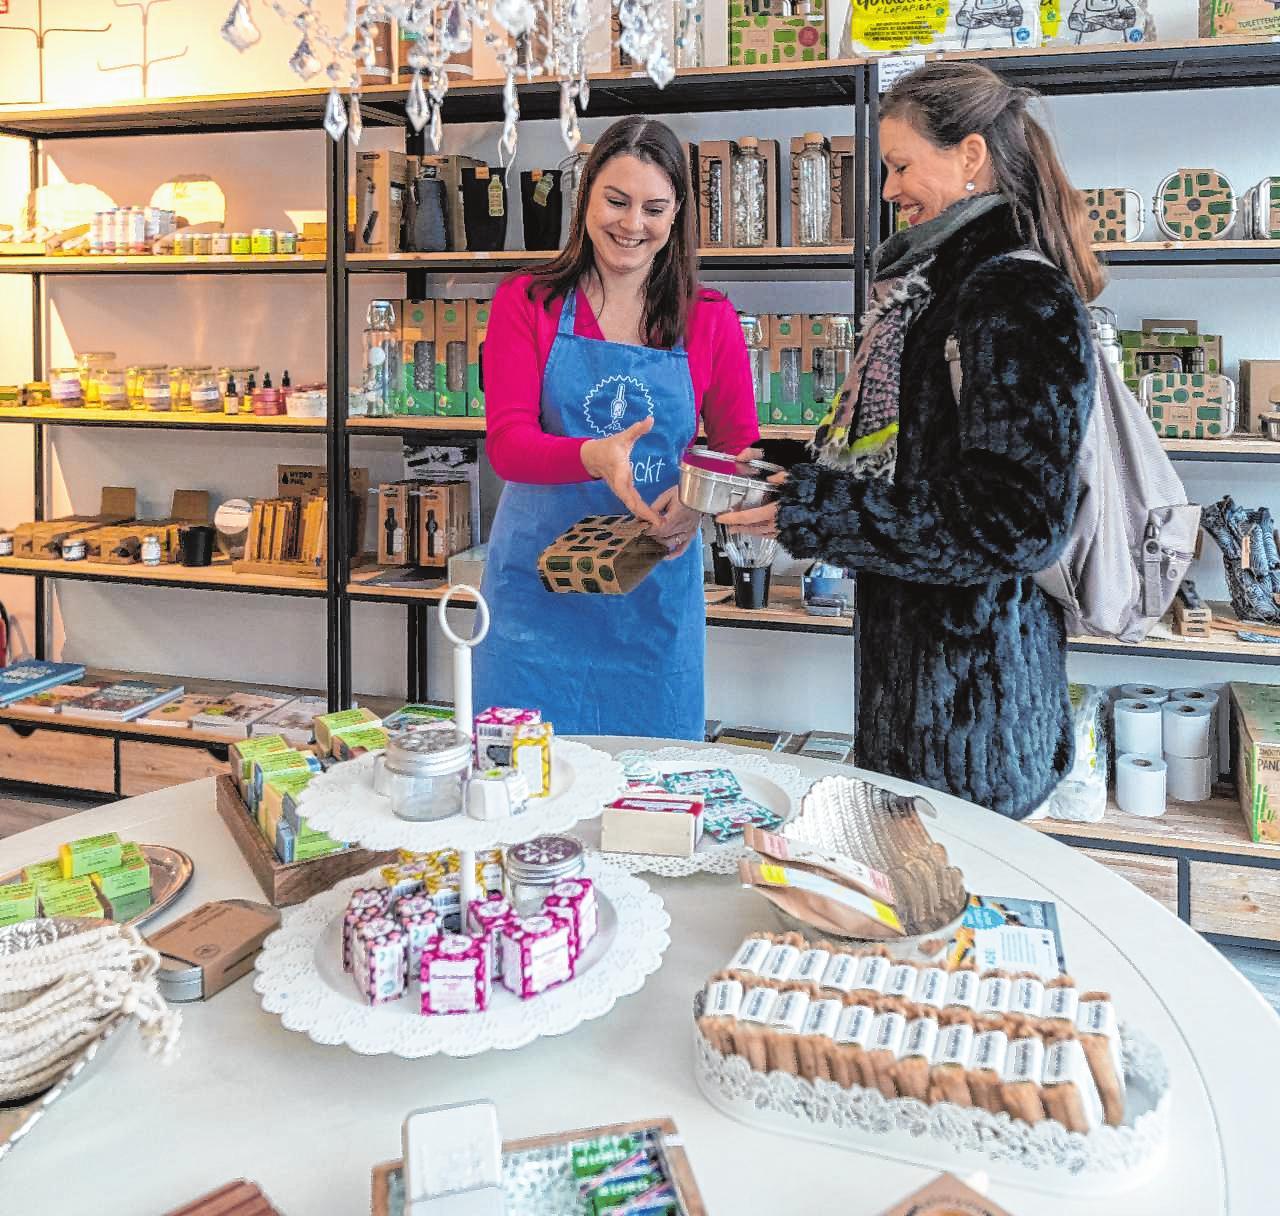 Für Gespräche und Beratung steht die Ladeninhaberin Sabrina Machleid für ihre Kunden immer gerne bereit. Bilder: Thomas Neu